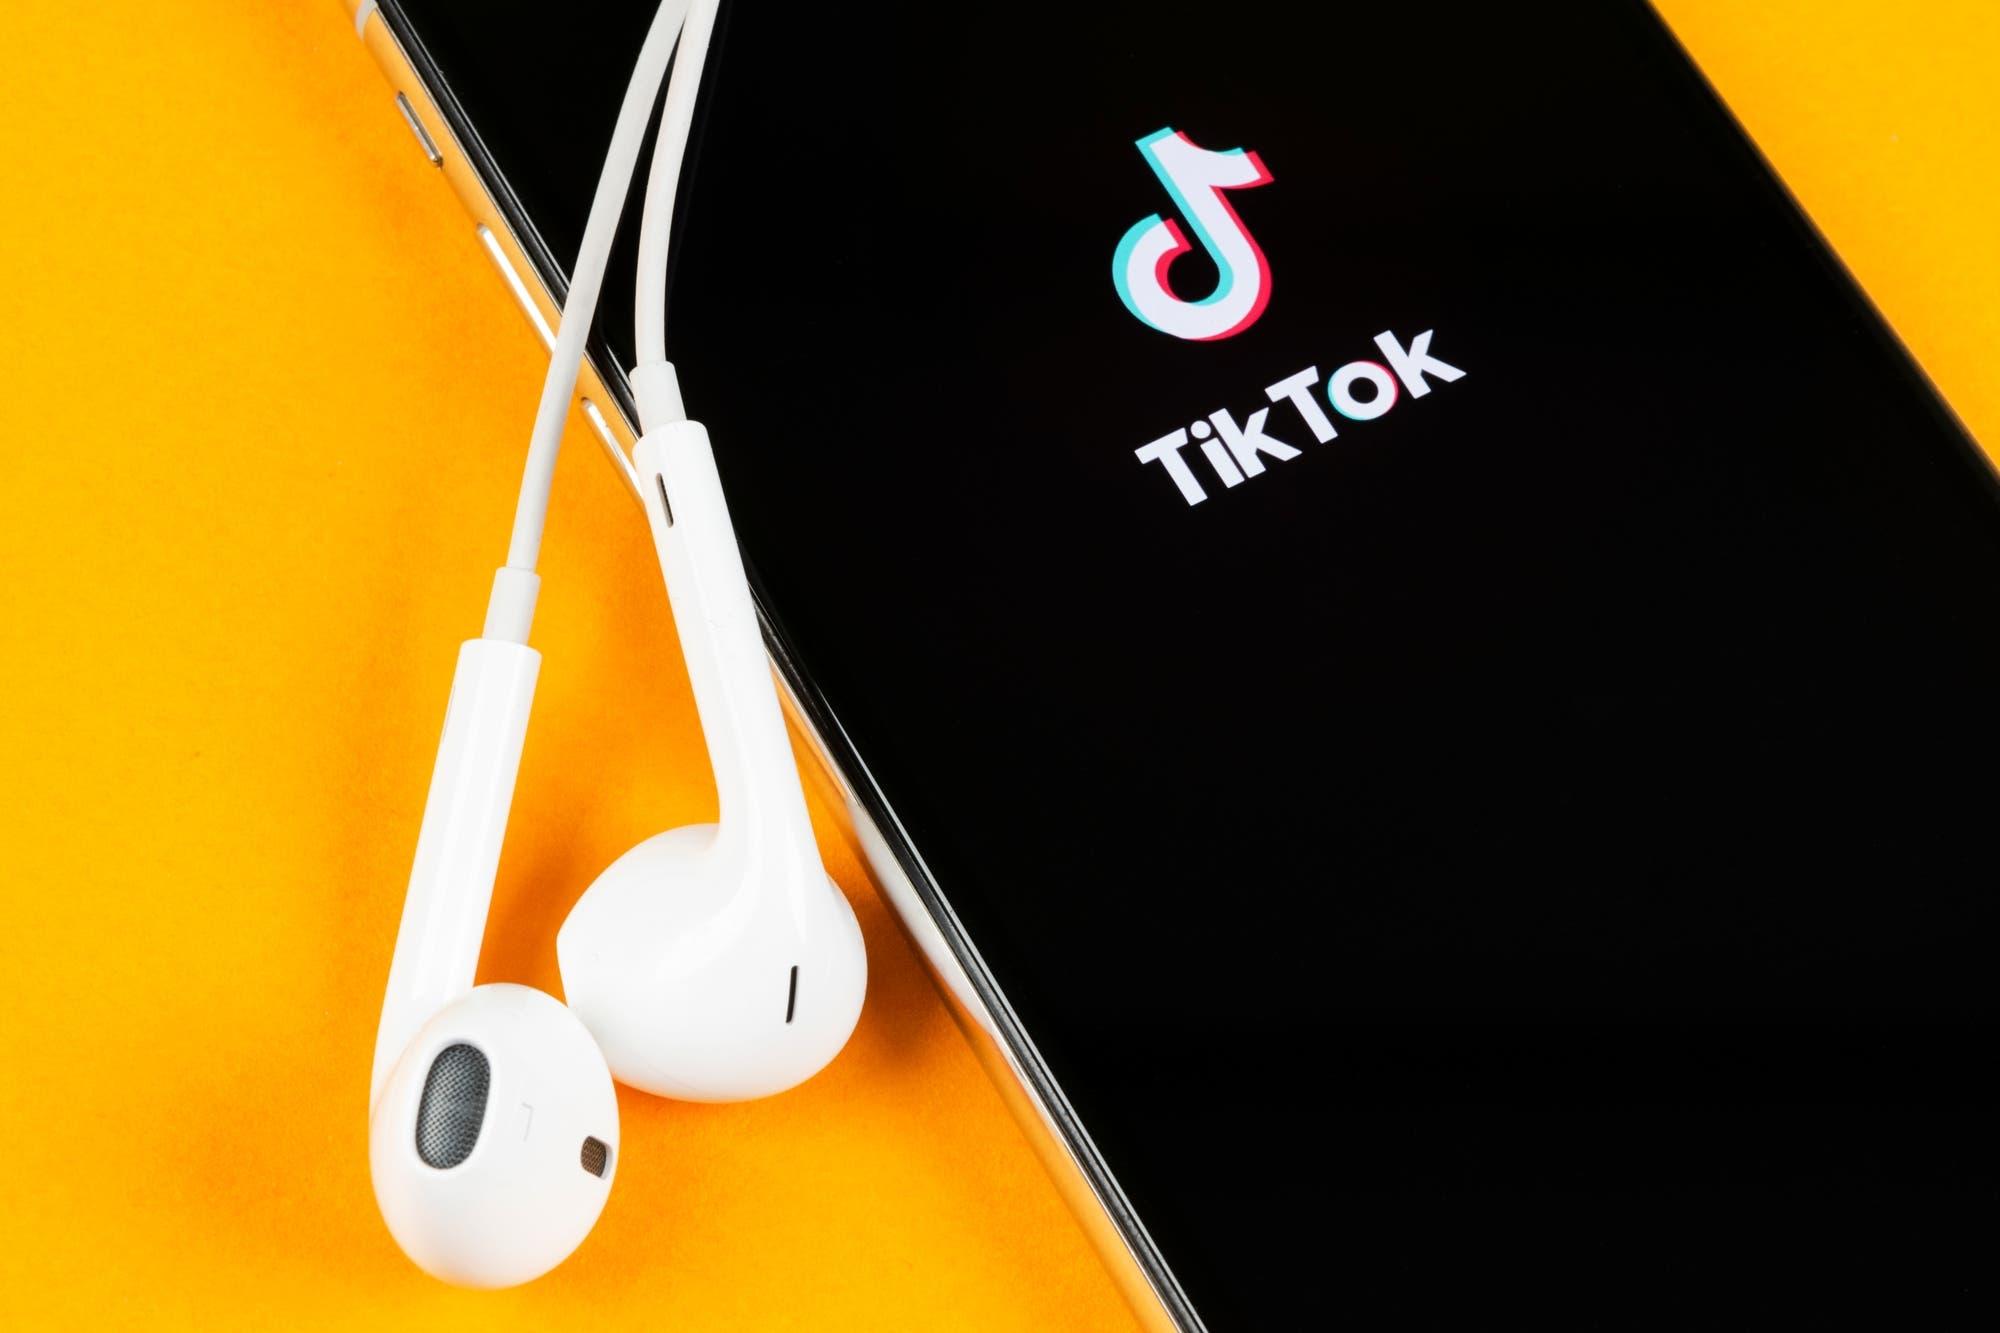 TikTok: por qué la popular aplicación ocultó videos protagonizados por personas discapacitadas